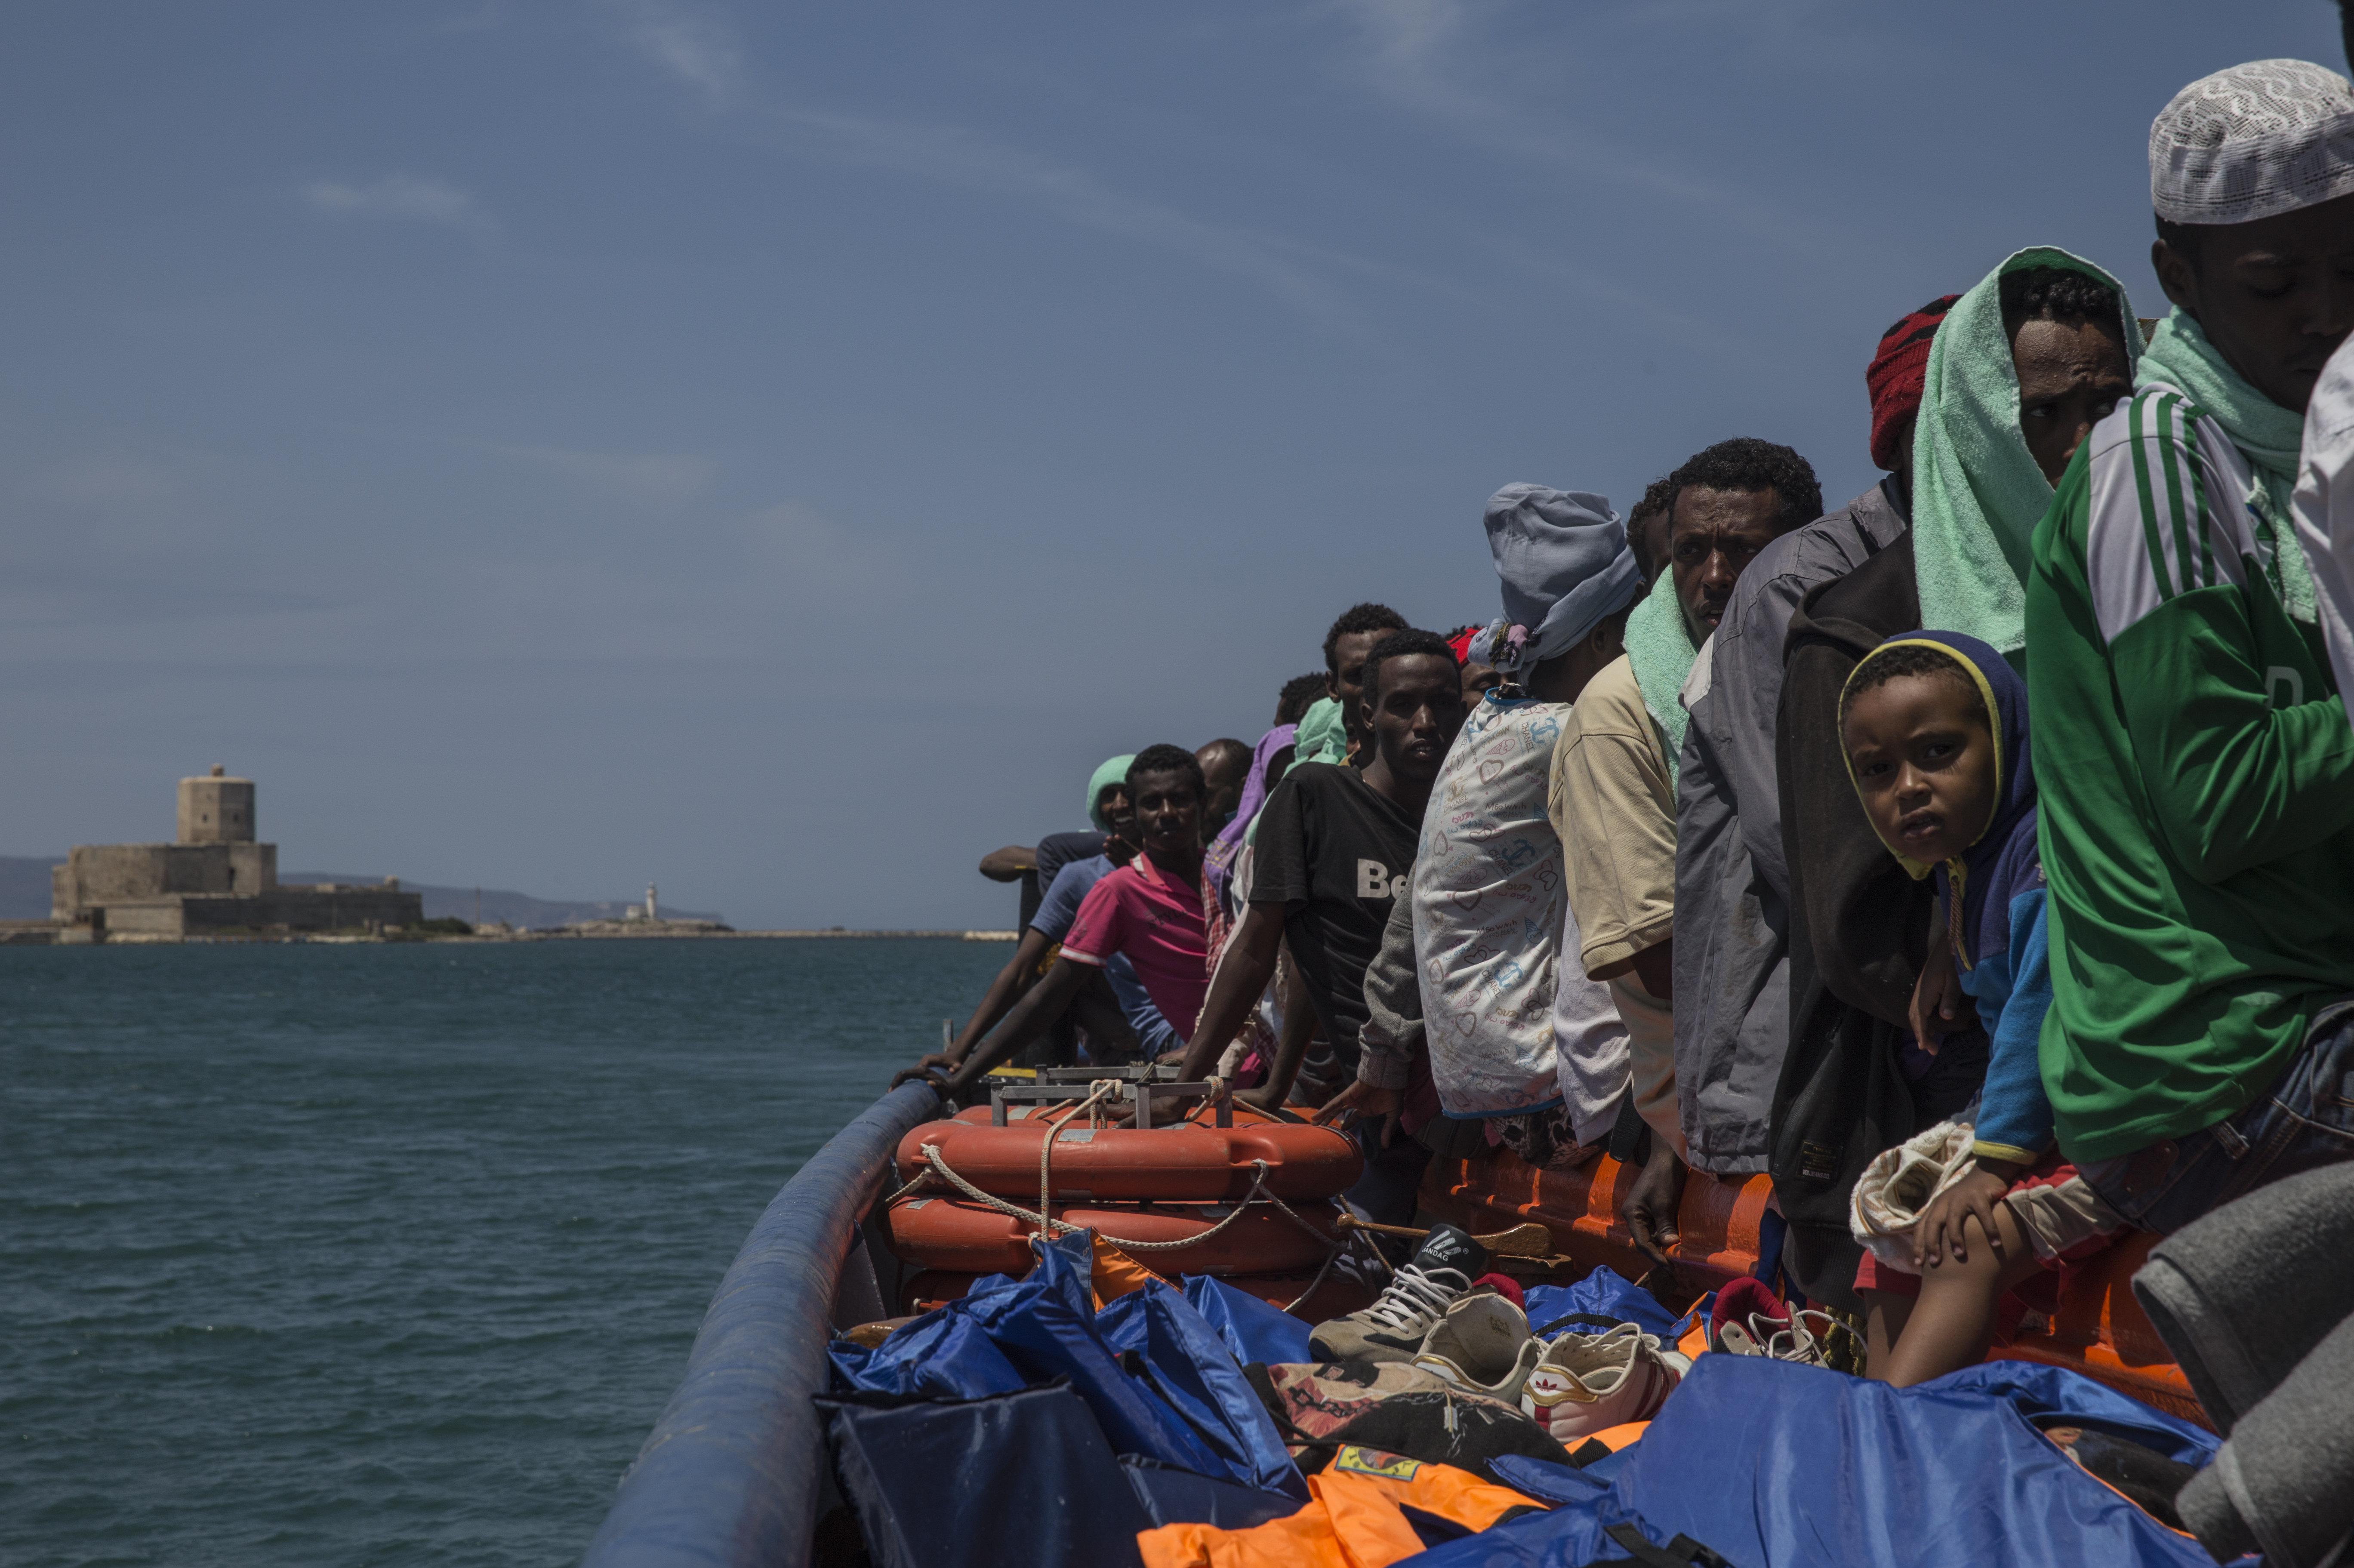 El Dignity I, barco de búsqueda y rescate de Médicos Sin Fronteras en el Mar Mediterráneo, desembarcó 103 personas en Trapani el 9 de julio de 2015